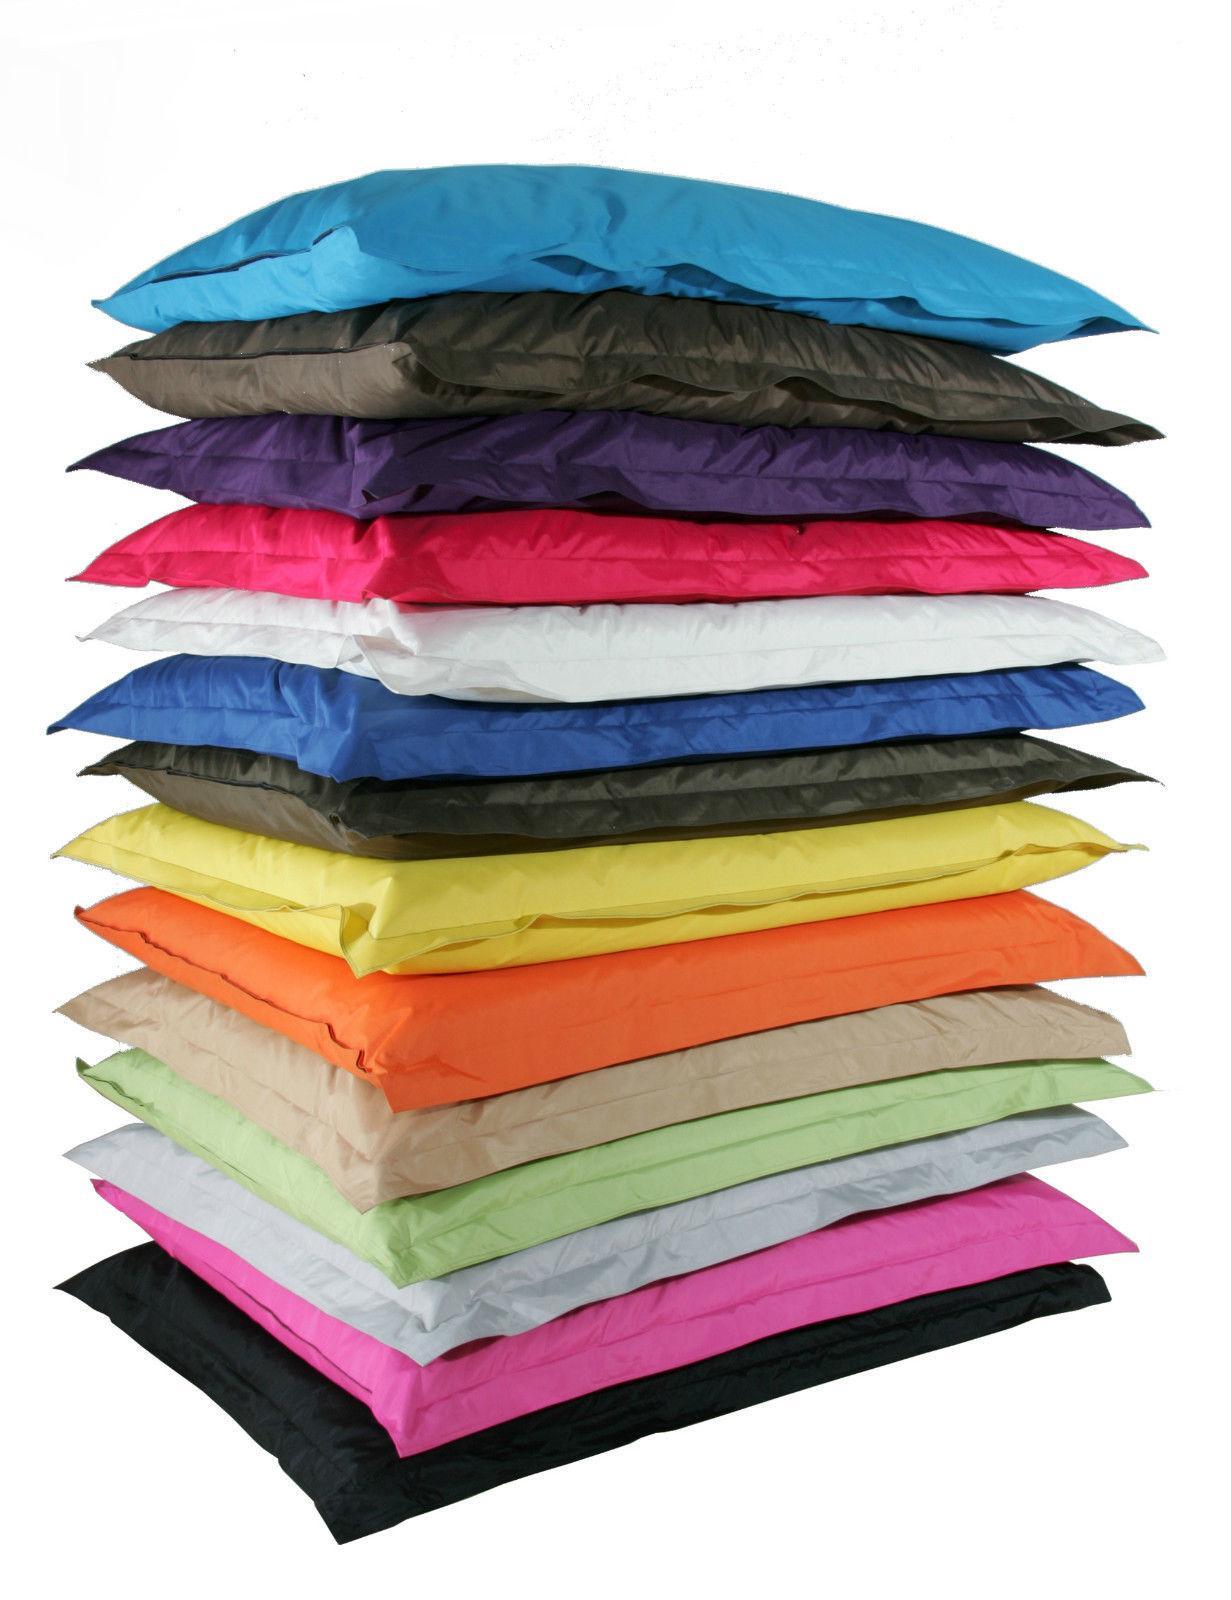 riesensitzsack sitzsack sitzkissen xxl pink deutscher hersteller bodenkissen neu kaufen bei go. Black Bedroom Furniture Sets. Home Design Ideas